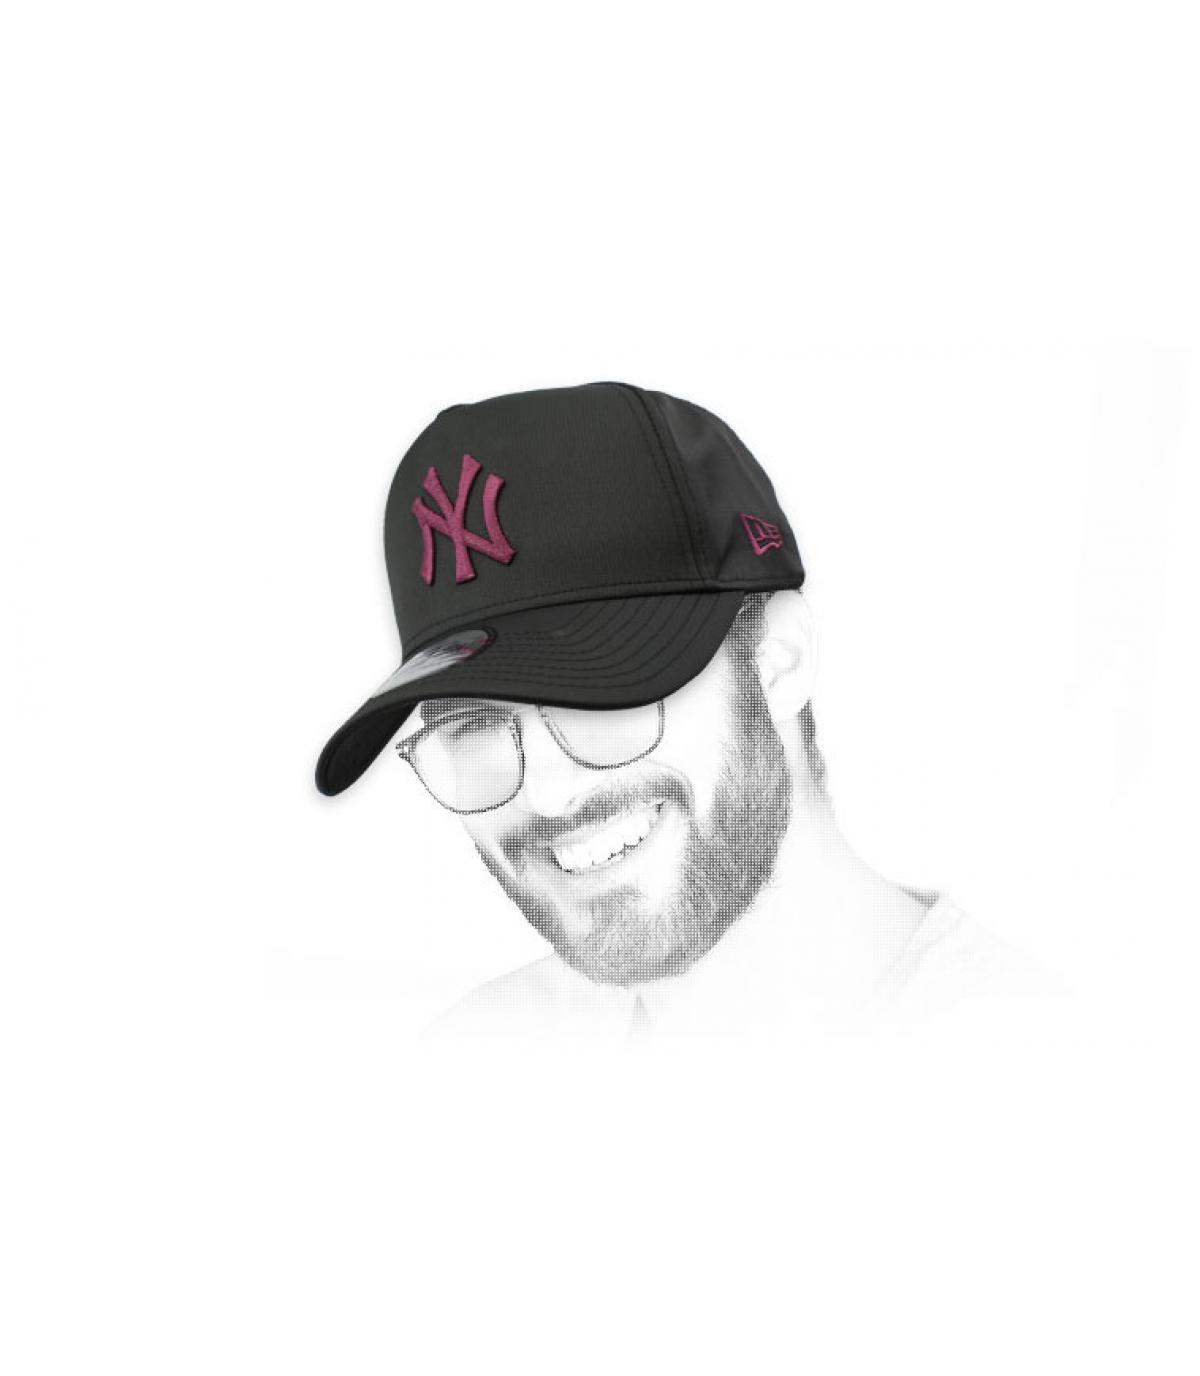 berretto LA nero bordeaux